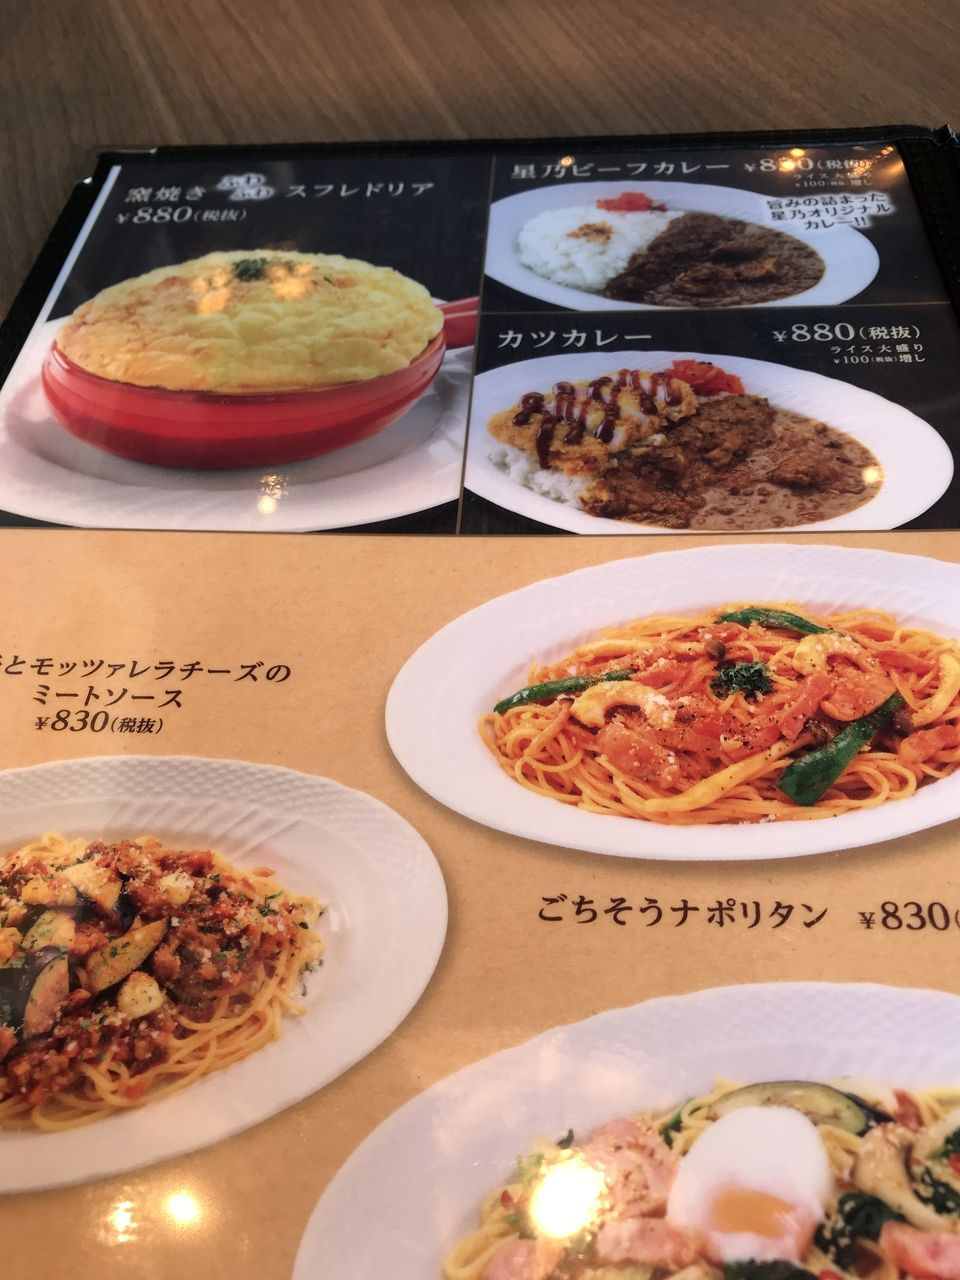 行徳の星乃珈琲店のパスタメニュー